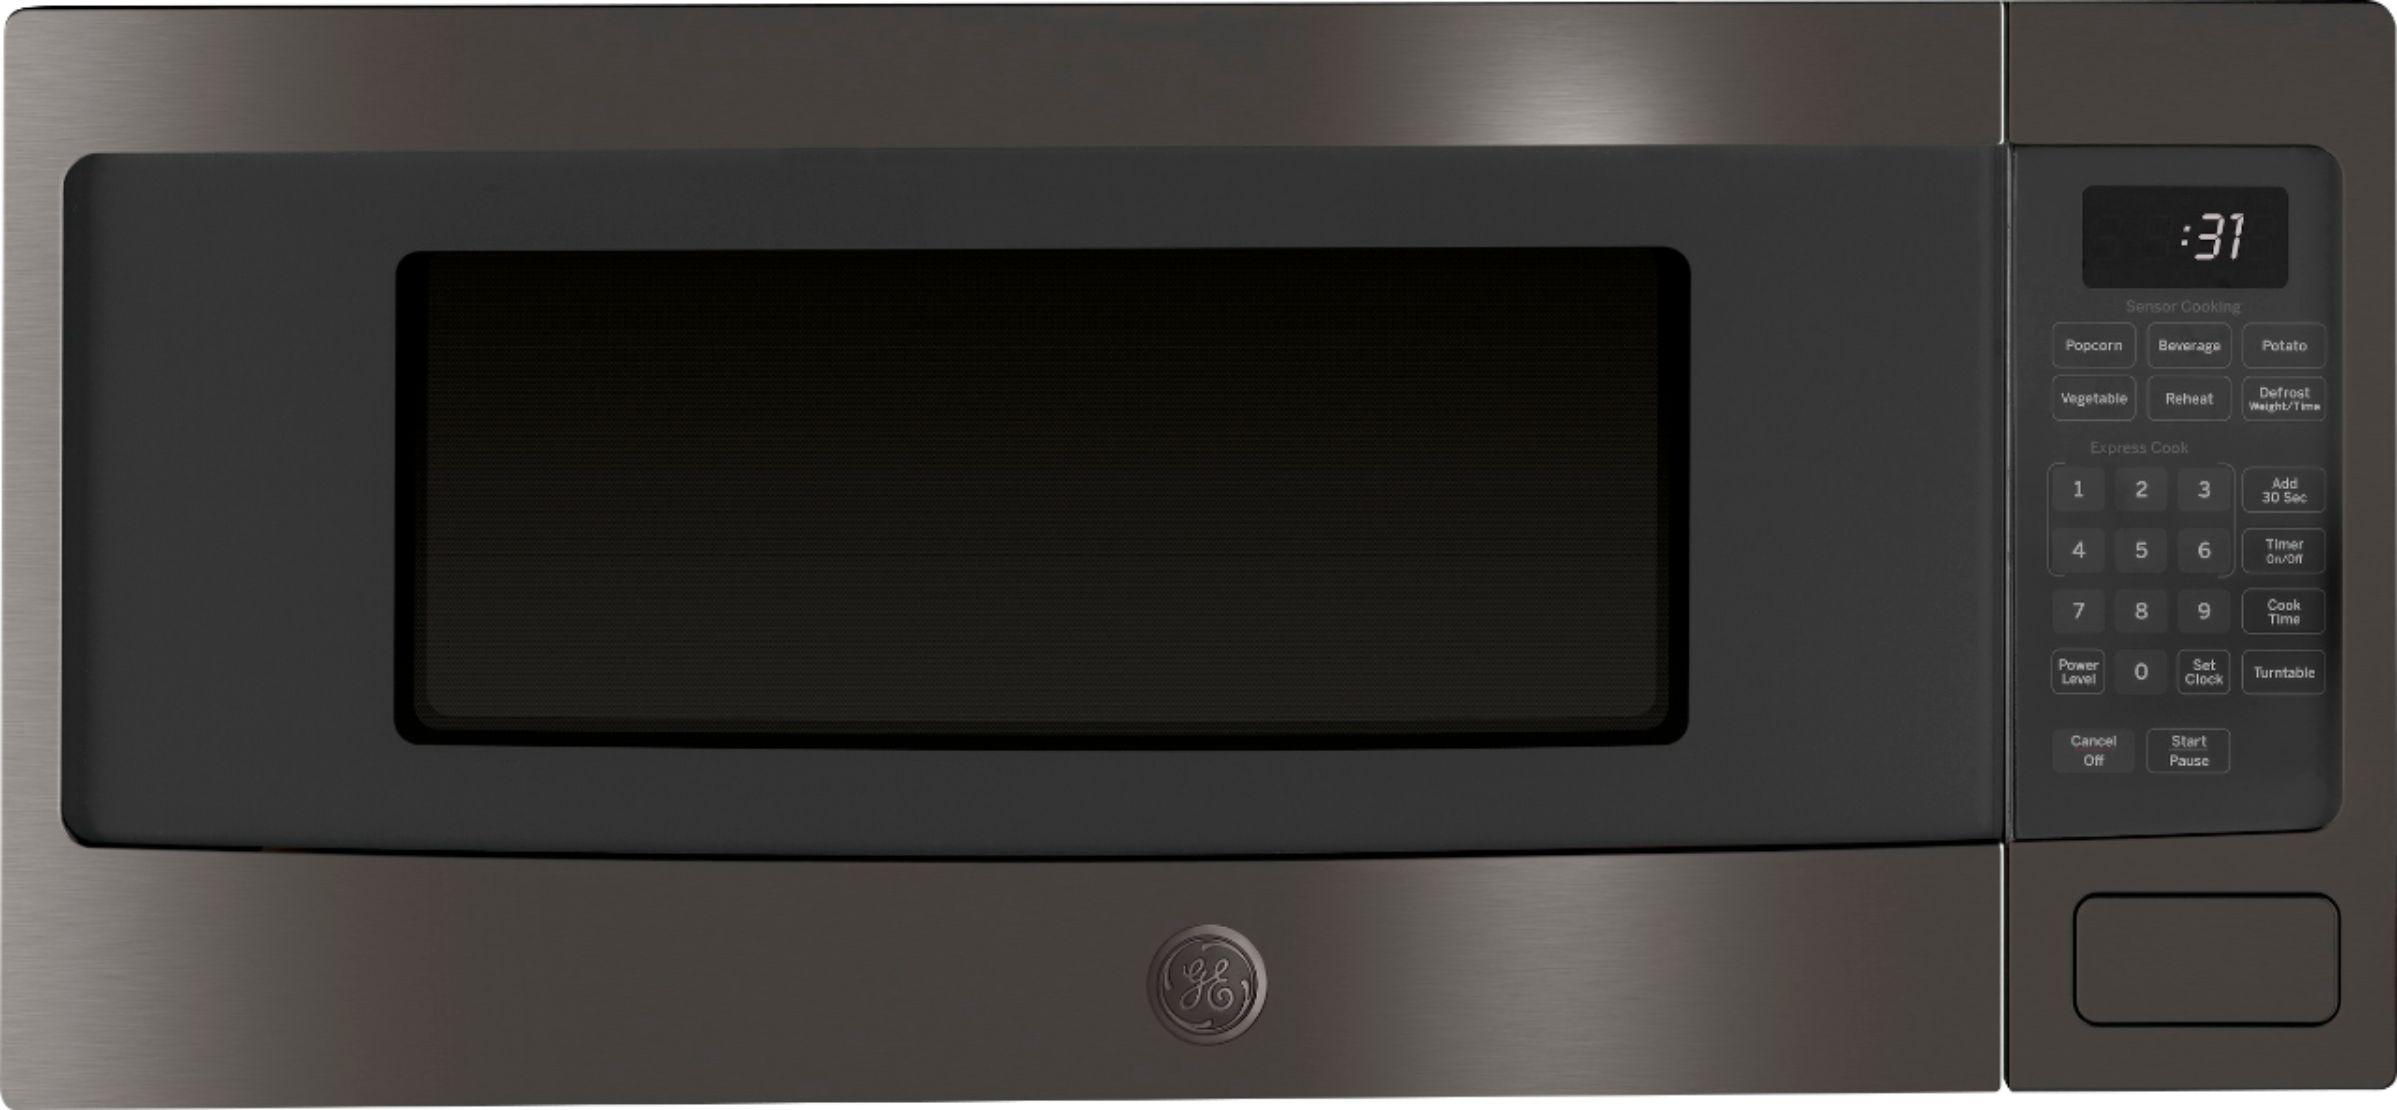 ge microwaves ge microwave ovens